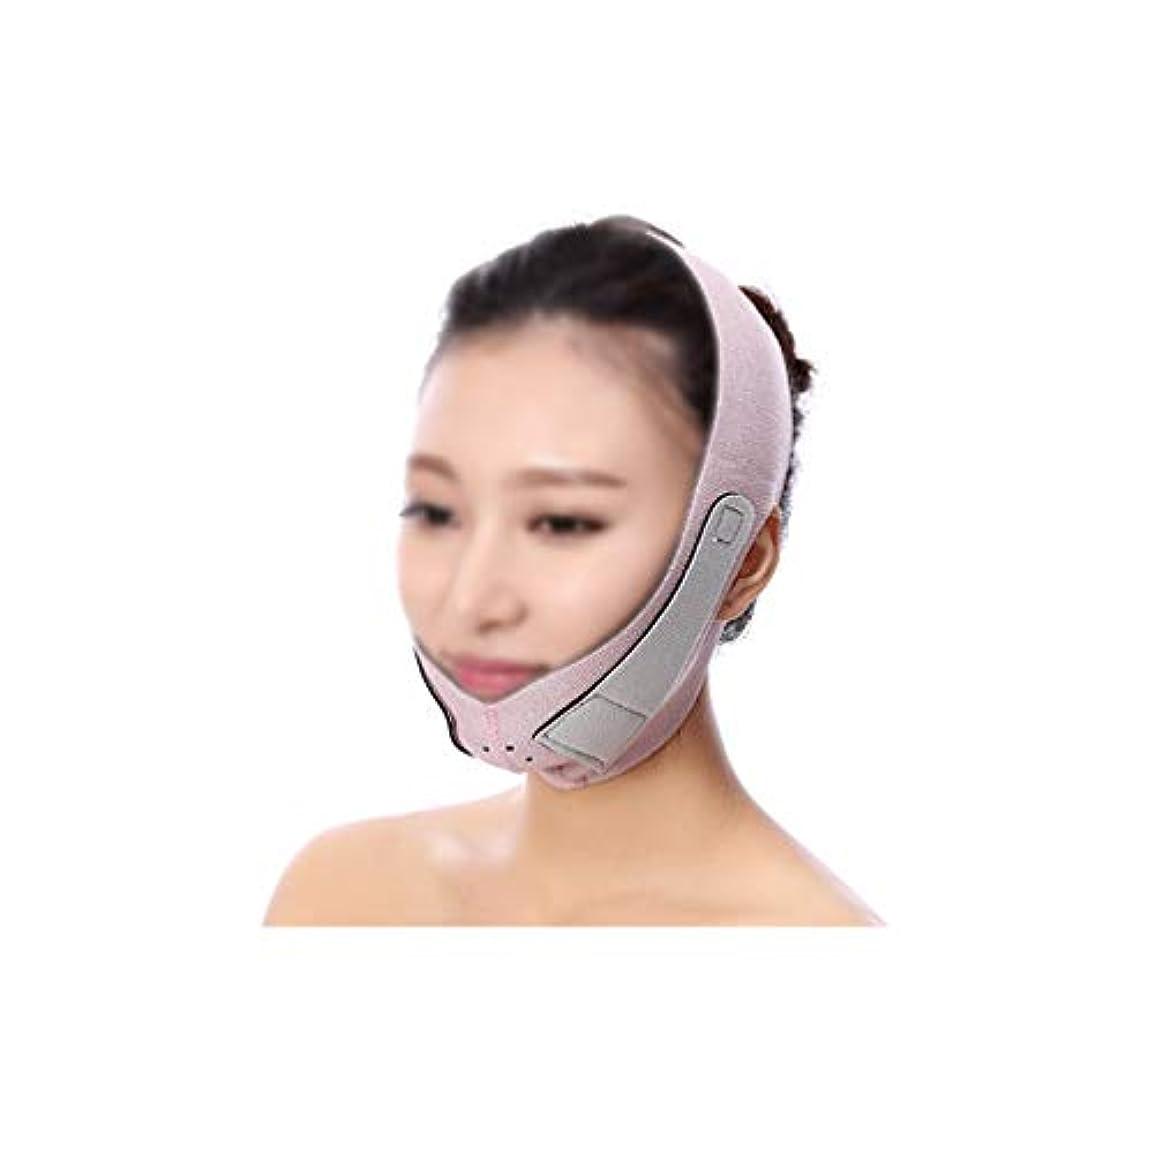 ベルシュート創造フェイスリフトマスク、あごストラップ回復包帯小さなV顔薄い顔アーティファクト睡眠強力なマスクフェイスリフティング包帯フェイシャルリフティングダブルチンリフティング引き締め